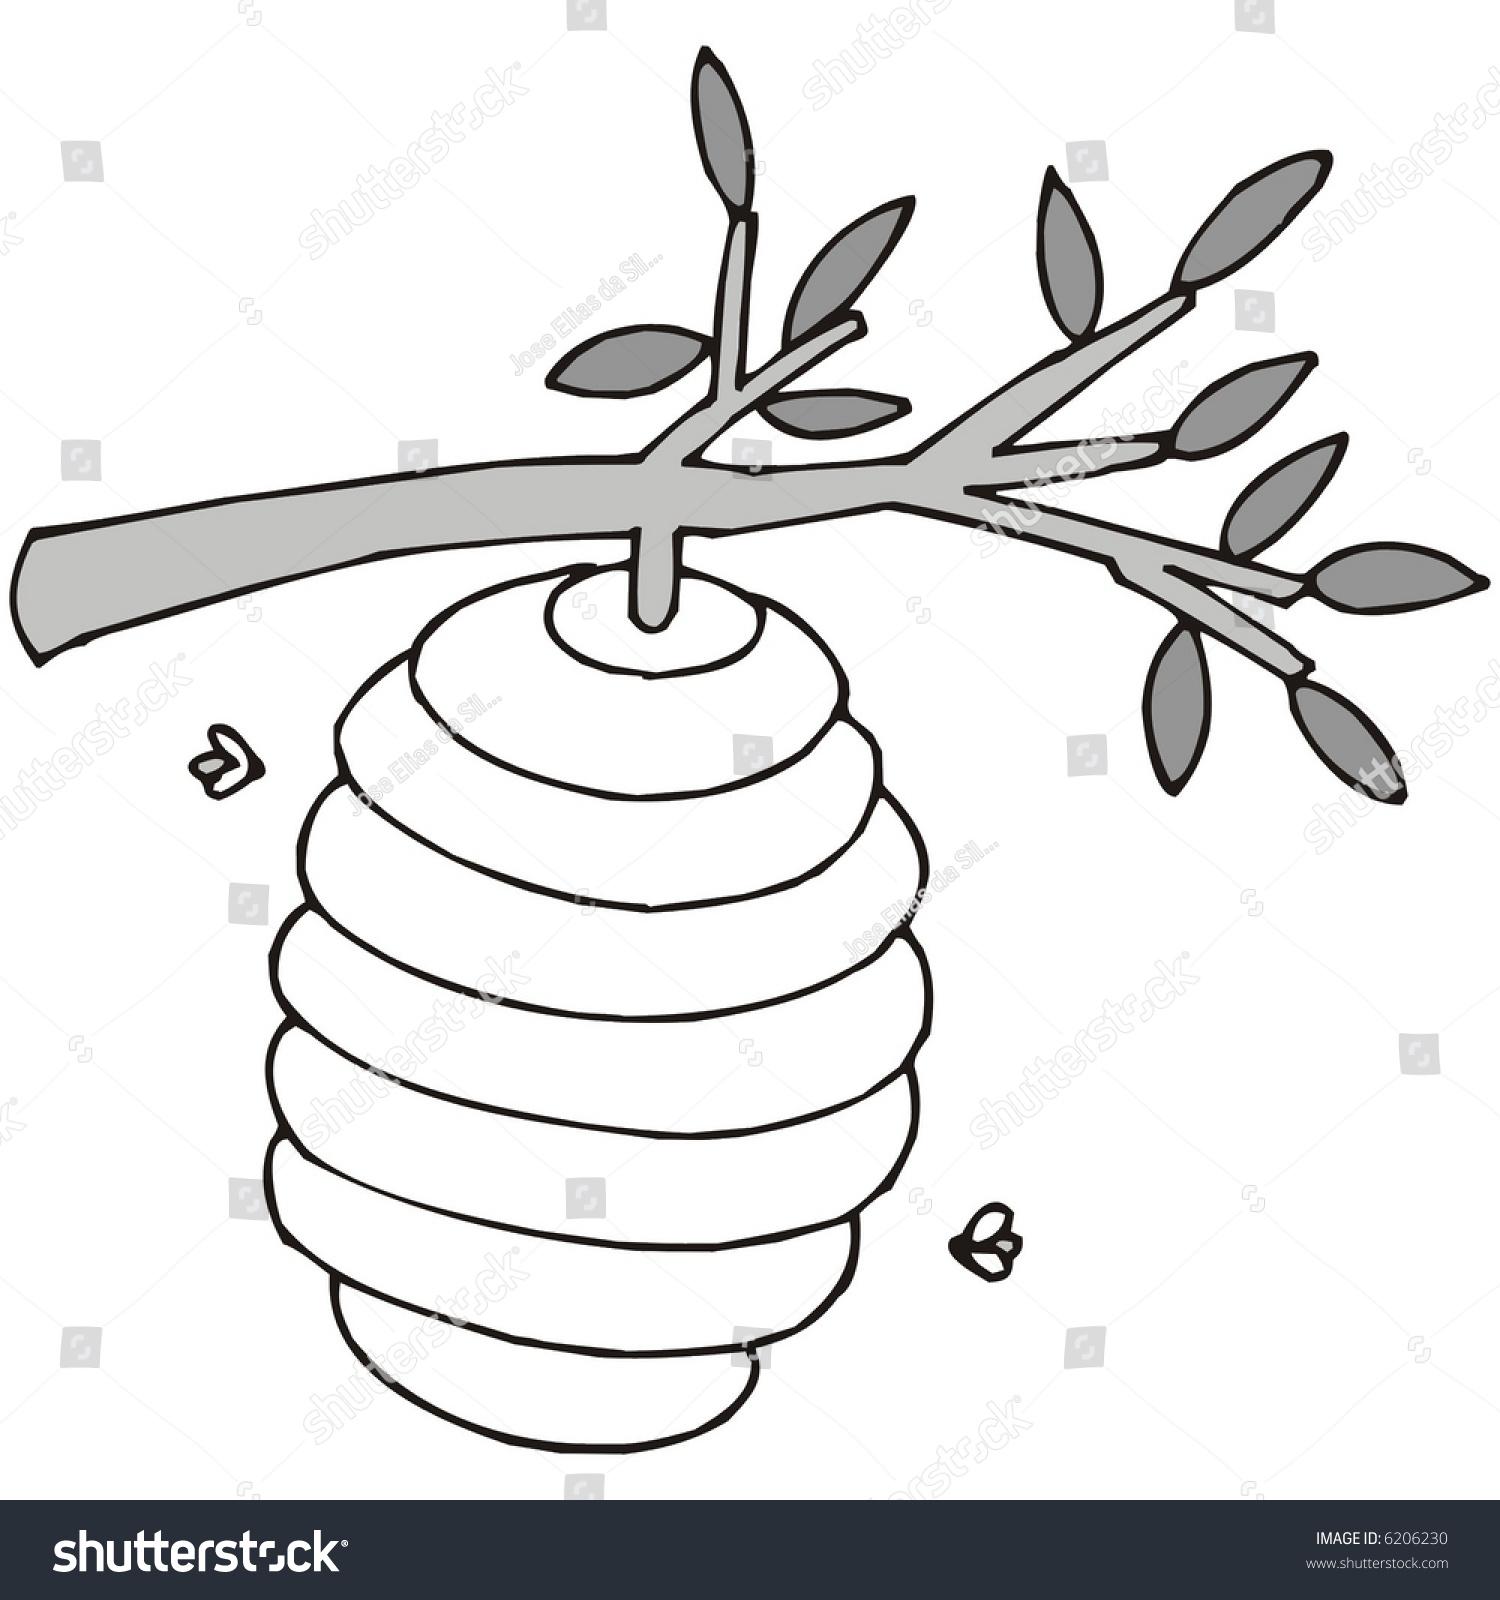 Art Illustration Black White Beehive Stock Vector